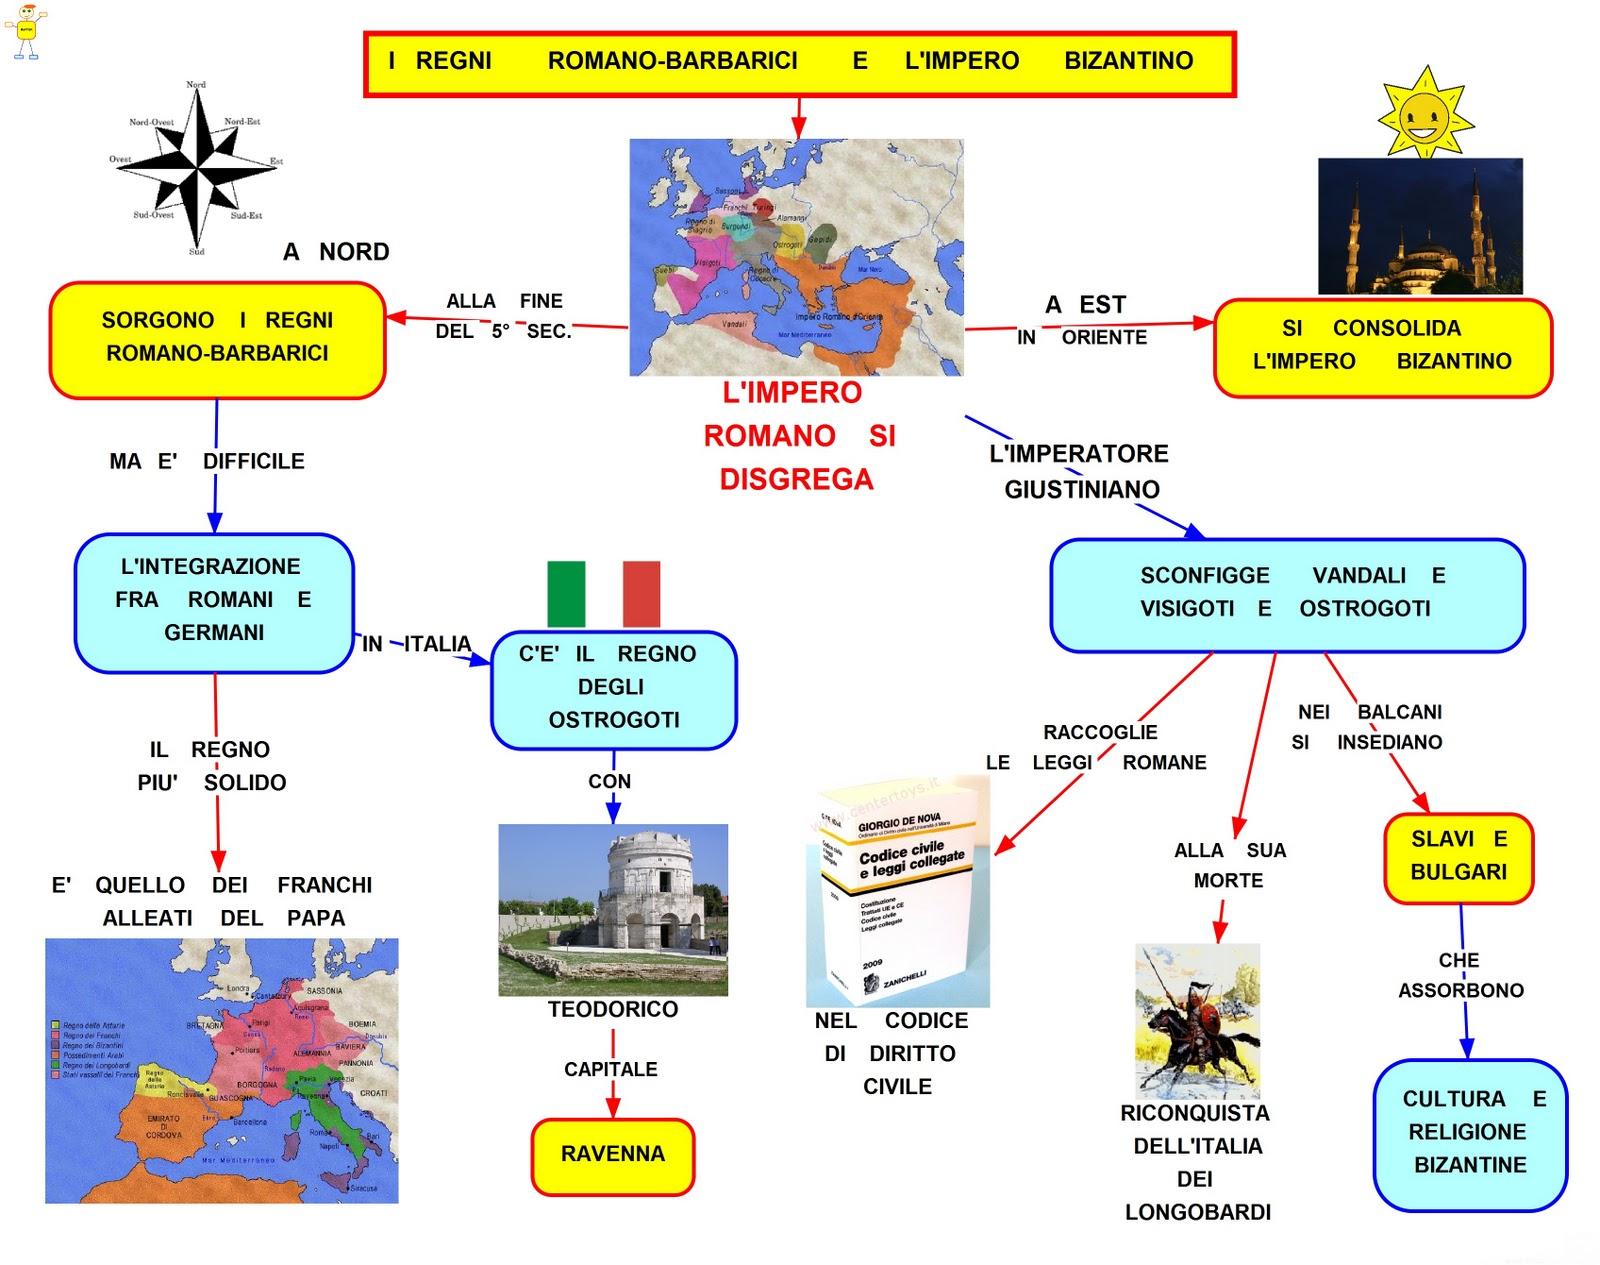 Eccezionale Mappa concettuale: Regni romano barbarici MA91